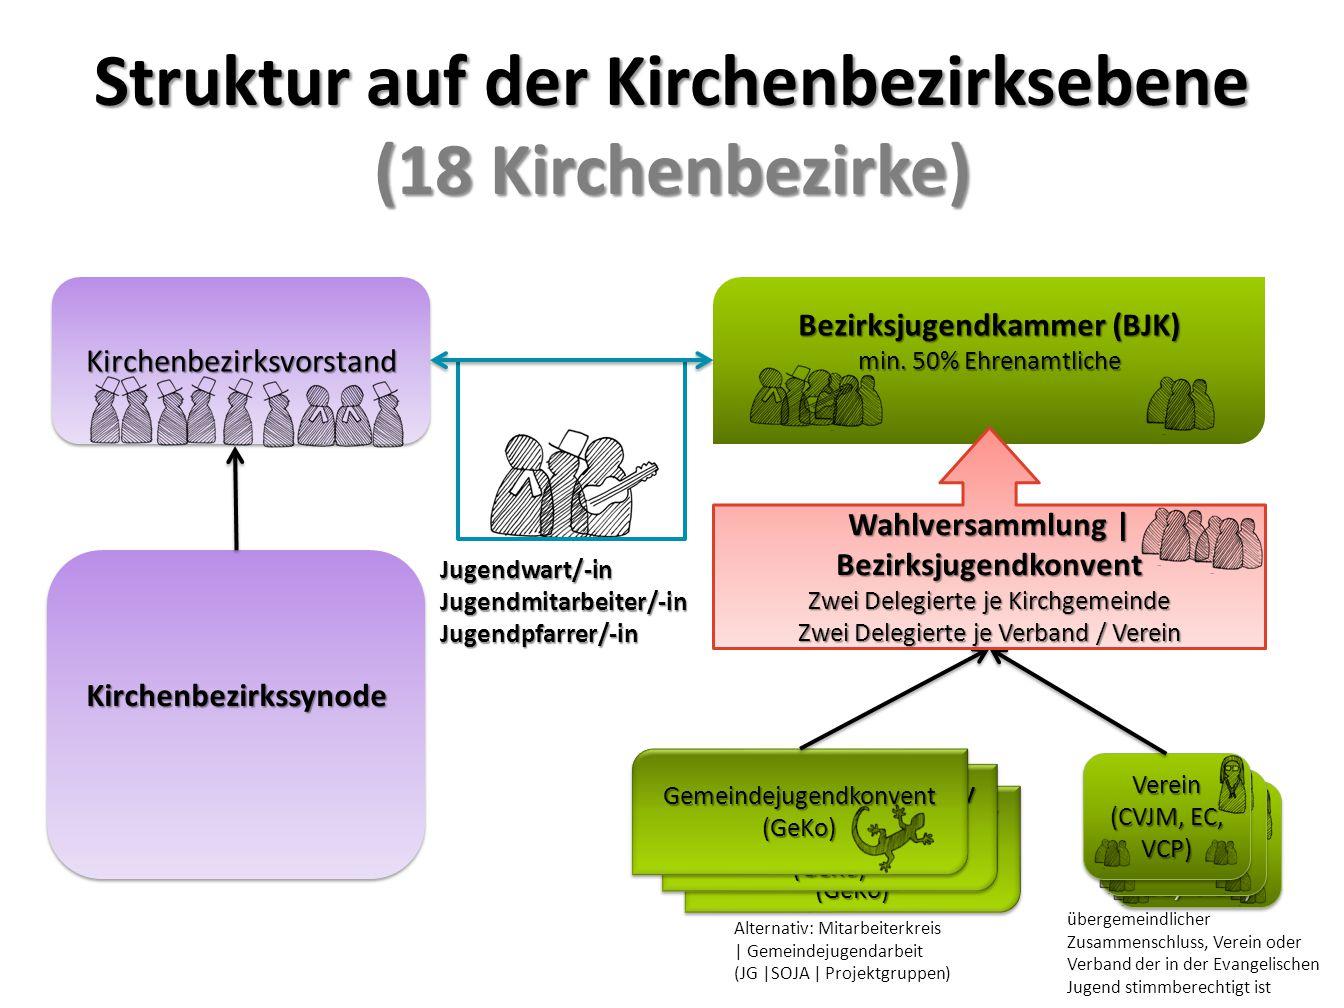 Verein (CVJM, EC, VCP) Gemeindejugendkonv ent (GeKo) (GeKo) (GeKo) (GeKo) Struktur auf der Kirchenbezirksebene (18 Kirchenbezirke) Gemeindejugendkonve